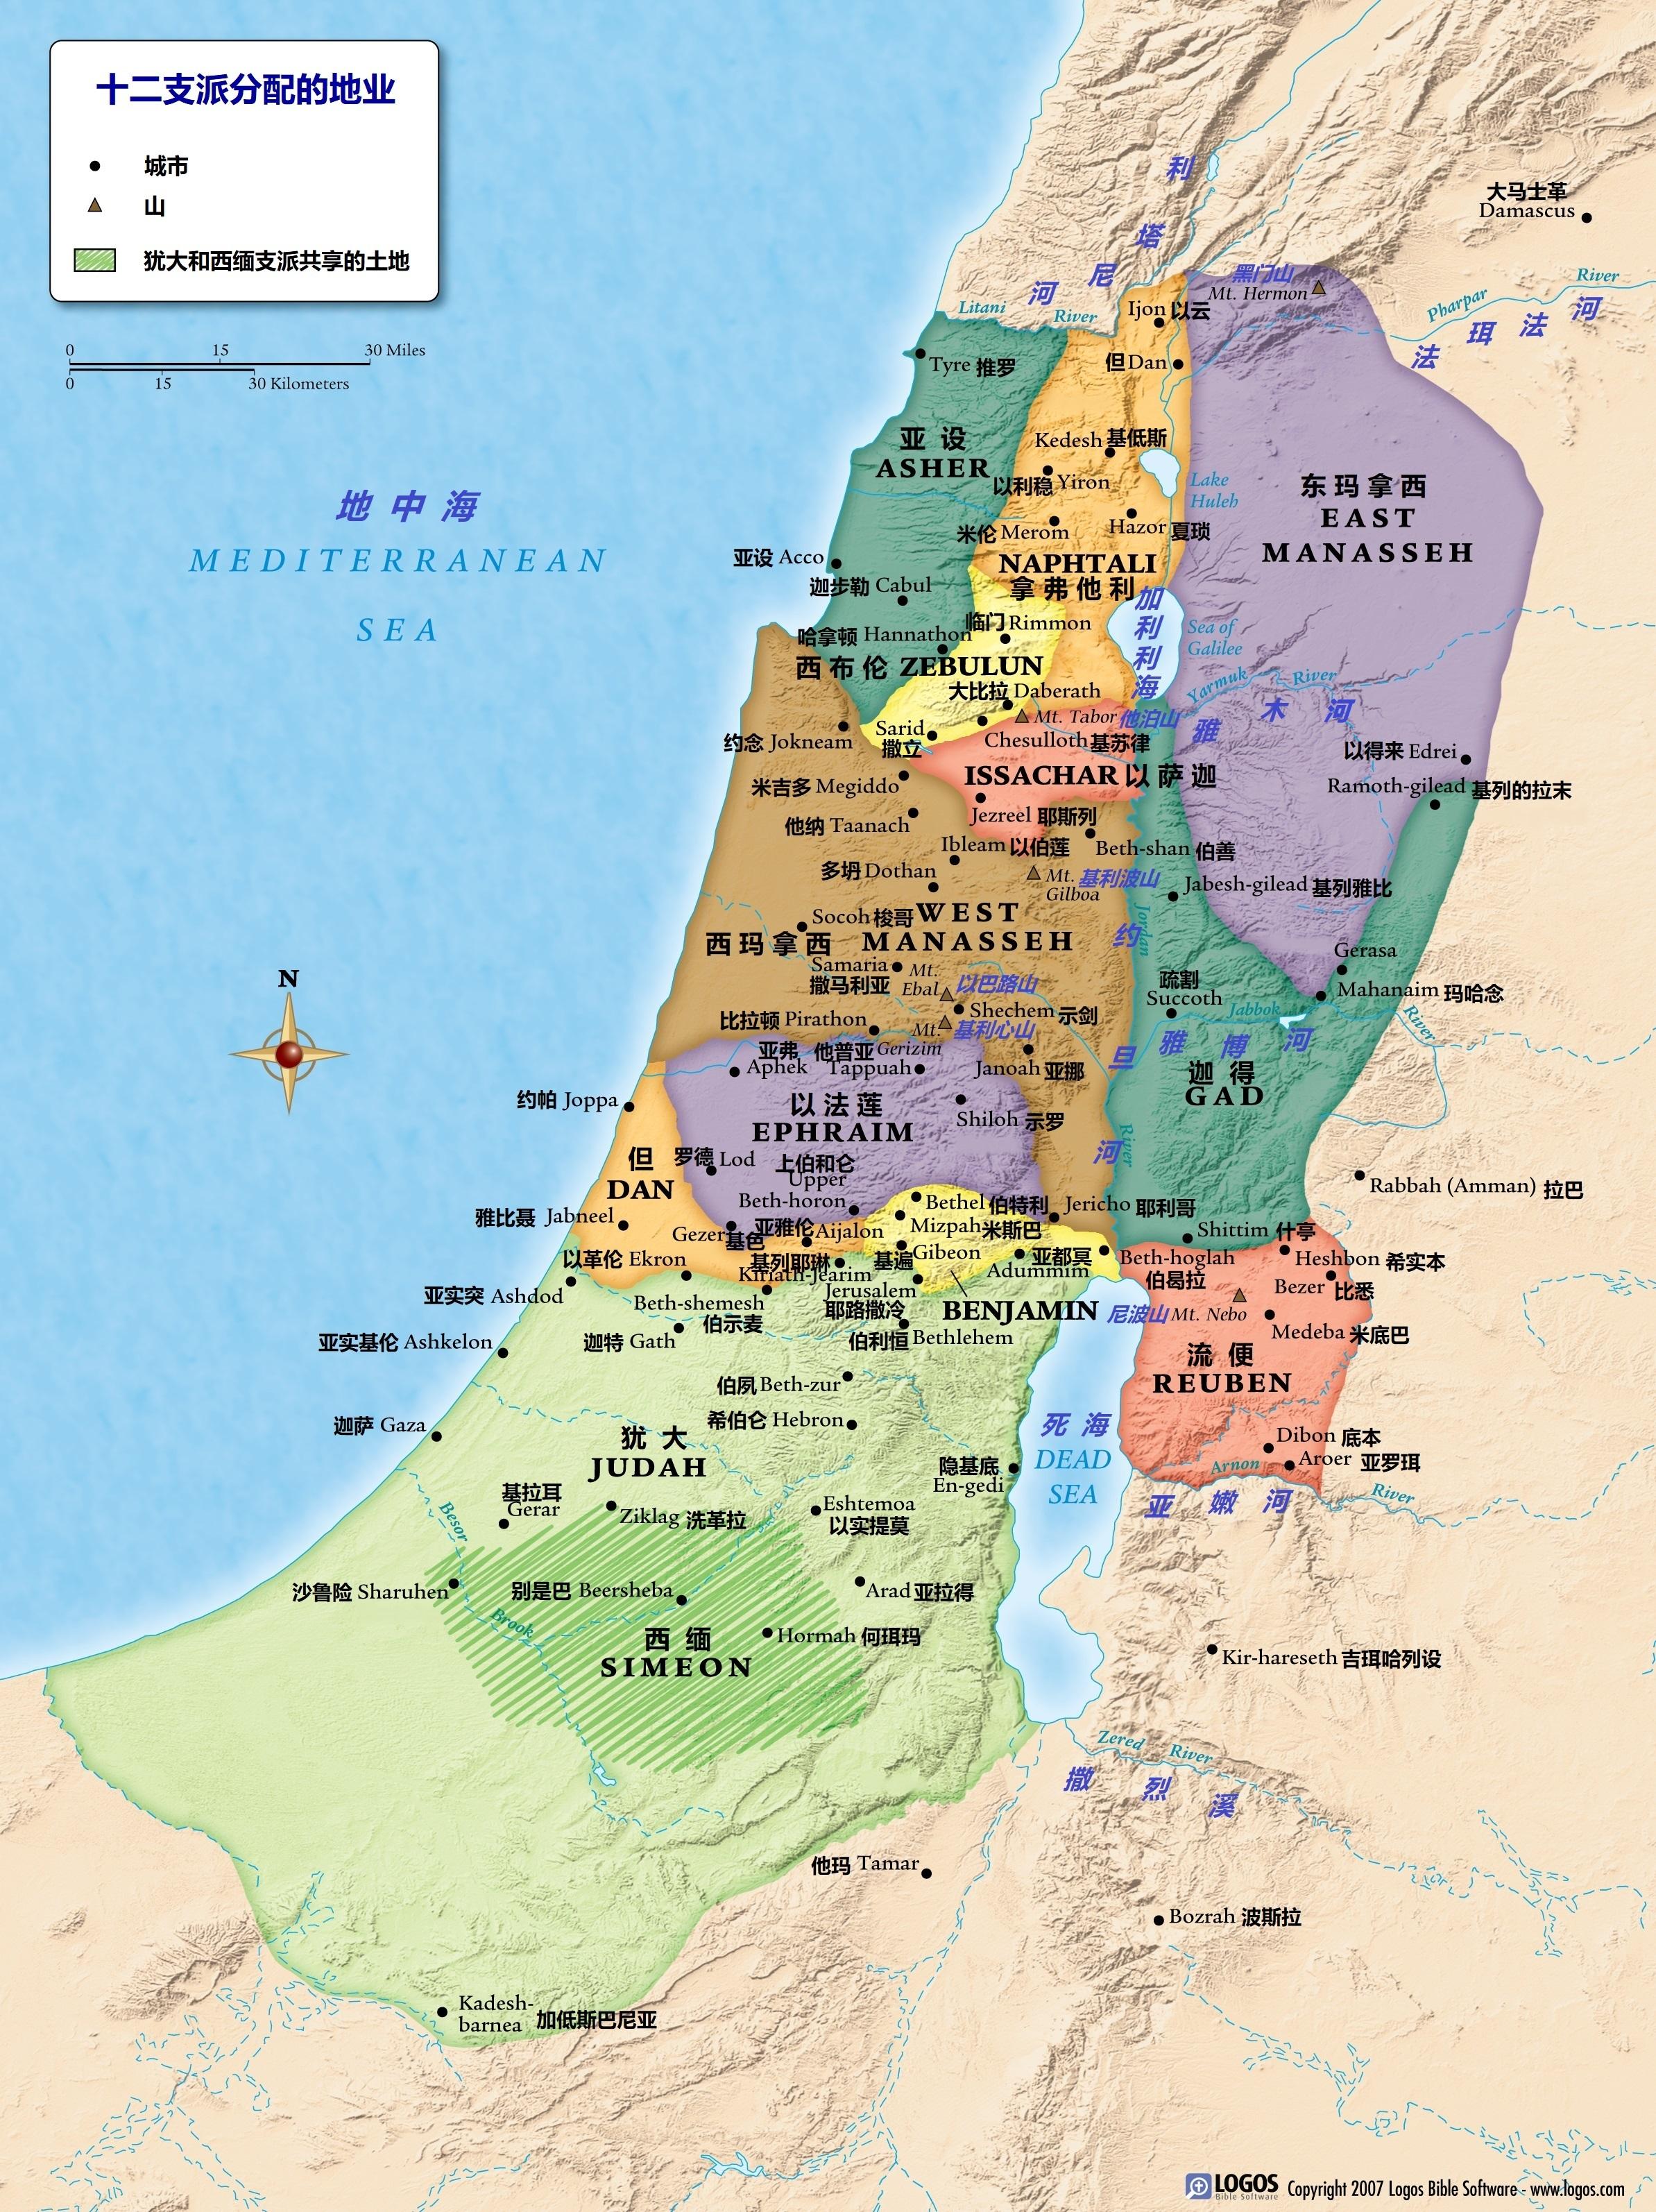 上图:约瑟的两个支派与犹大支派、但支派、以萨迦支派的土地面积对比。以法莲支派有32,500人 ( 民二十六37) ,玛拿西半支派有26,350人(民二十六34),加起来是58,850人,比犹大支派(76,500人,民二十六22)、但支派(64,400,民二十六43)和以萨迦支派(64,300人,民二十六25)的人口都少。但约瑟的子孙拥有的土地却比但支派与以萨迦支派多得多;而犹大支派的土地有一半以上是干旱的南地、旷野。因此,约瑟的两个支派所分得的人均土地是最多、最好的。